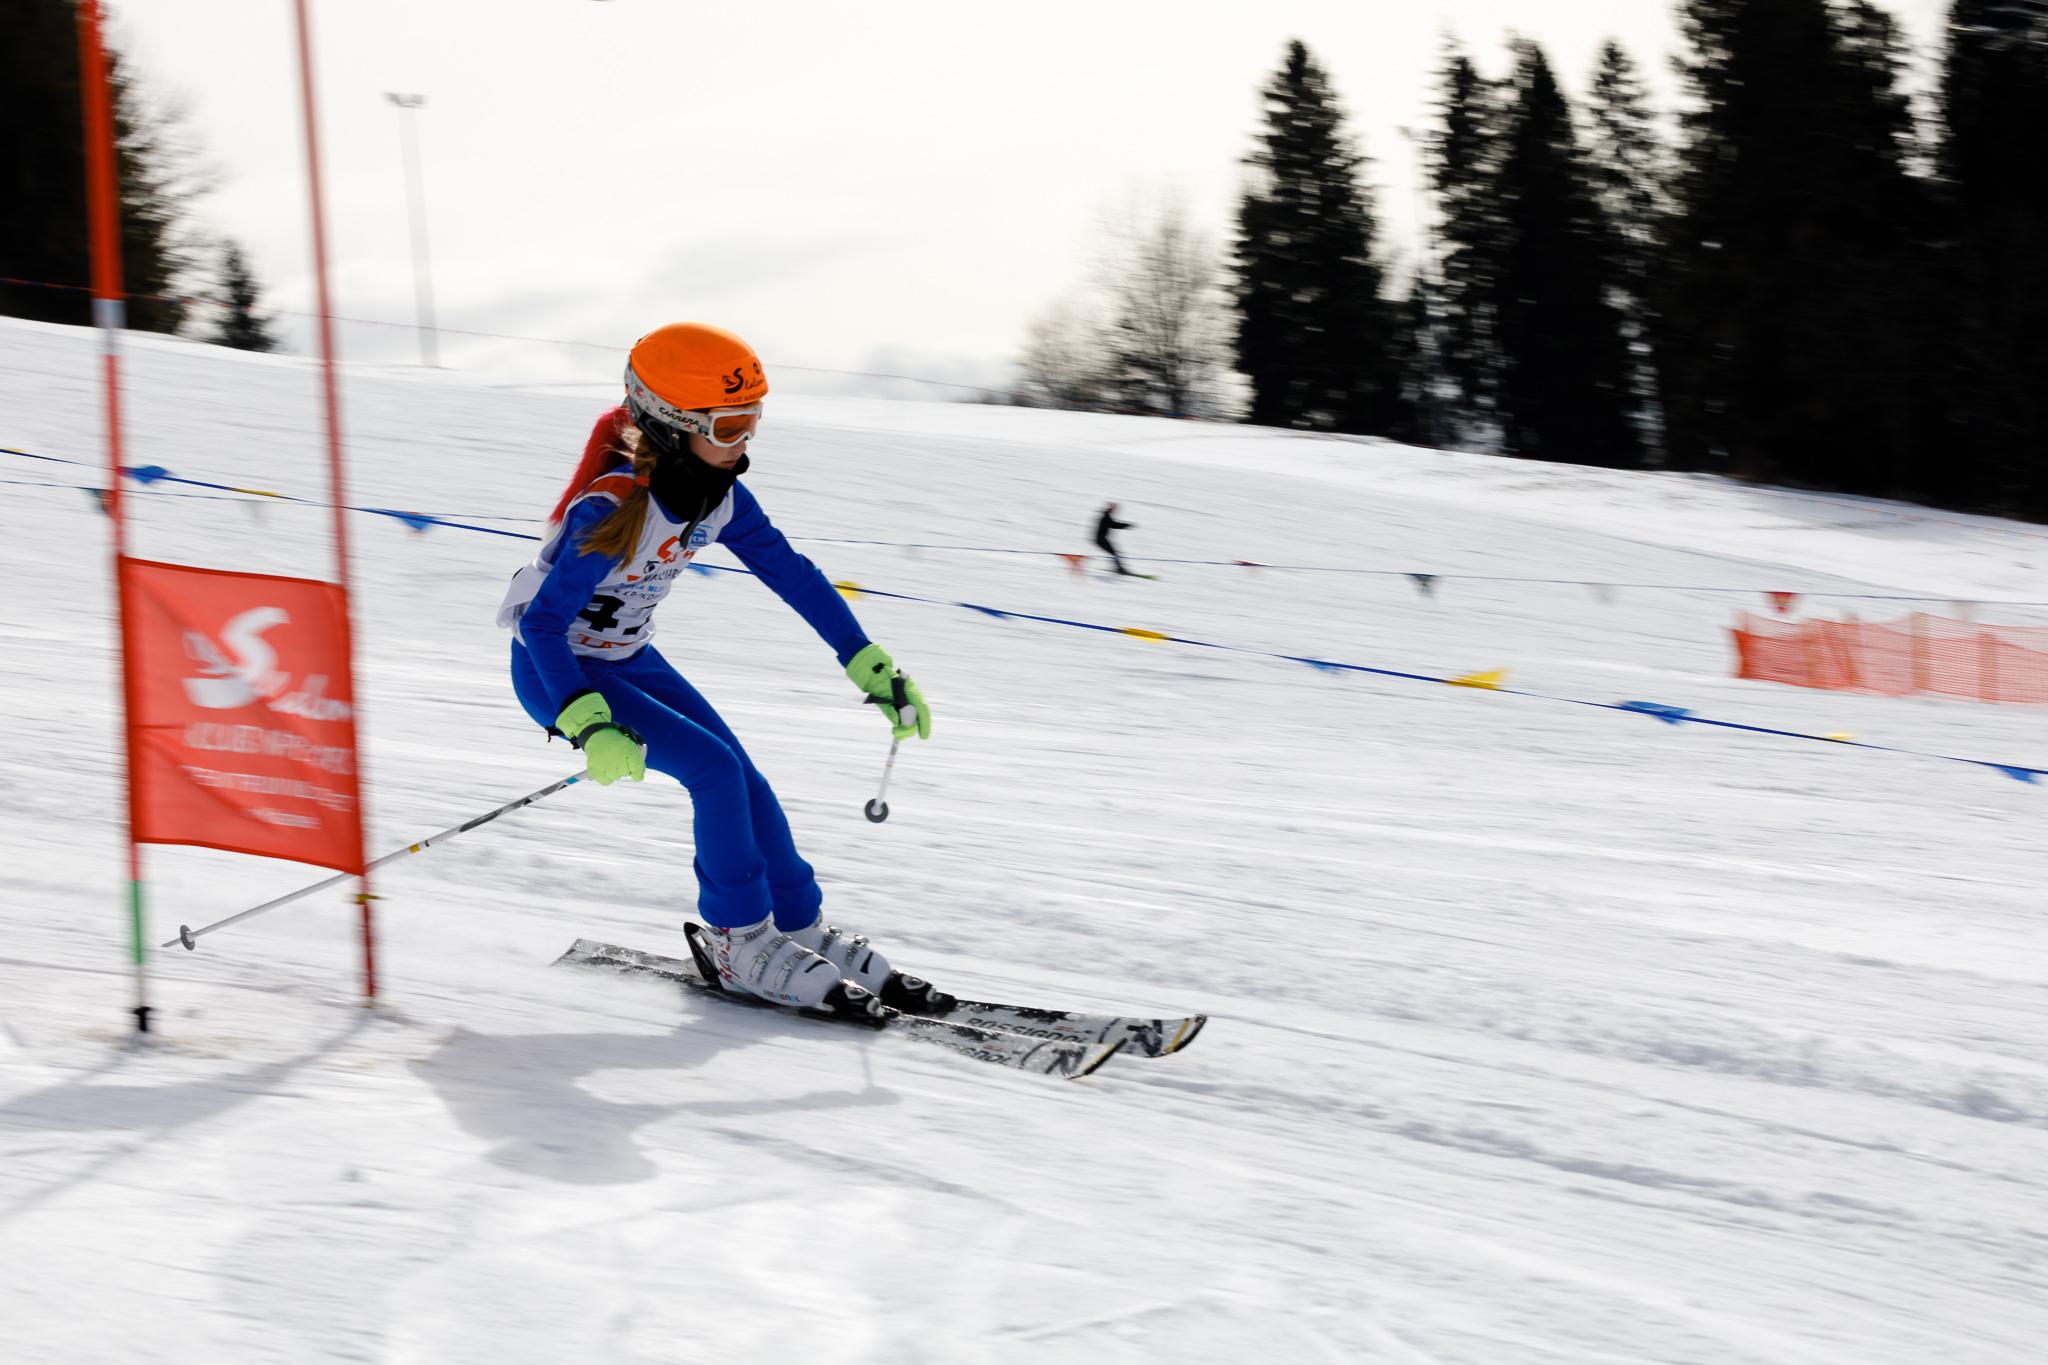 SlalomBlog2020 11